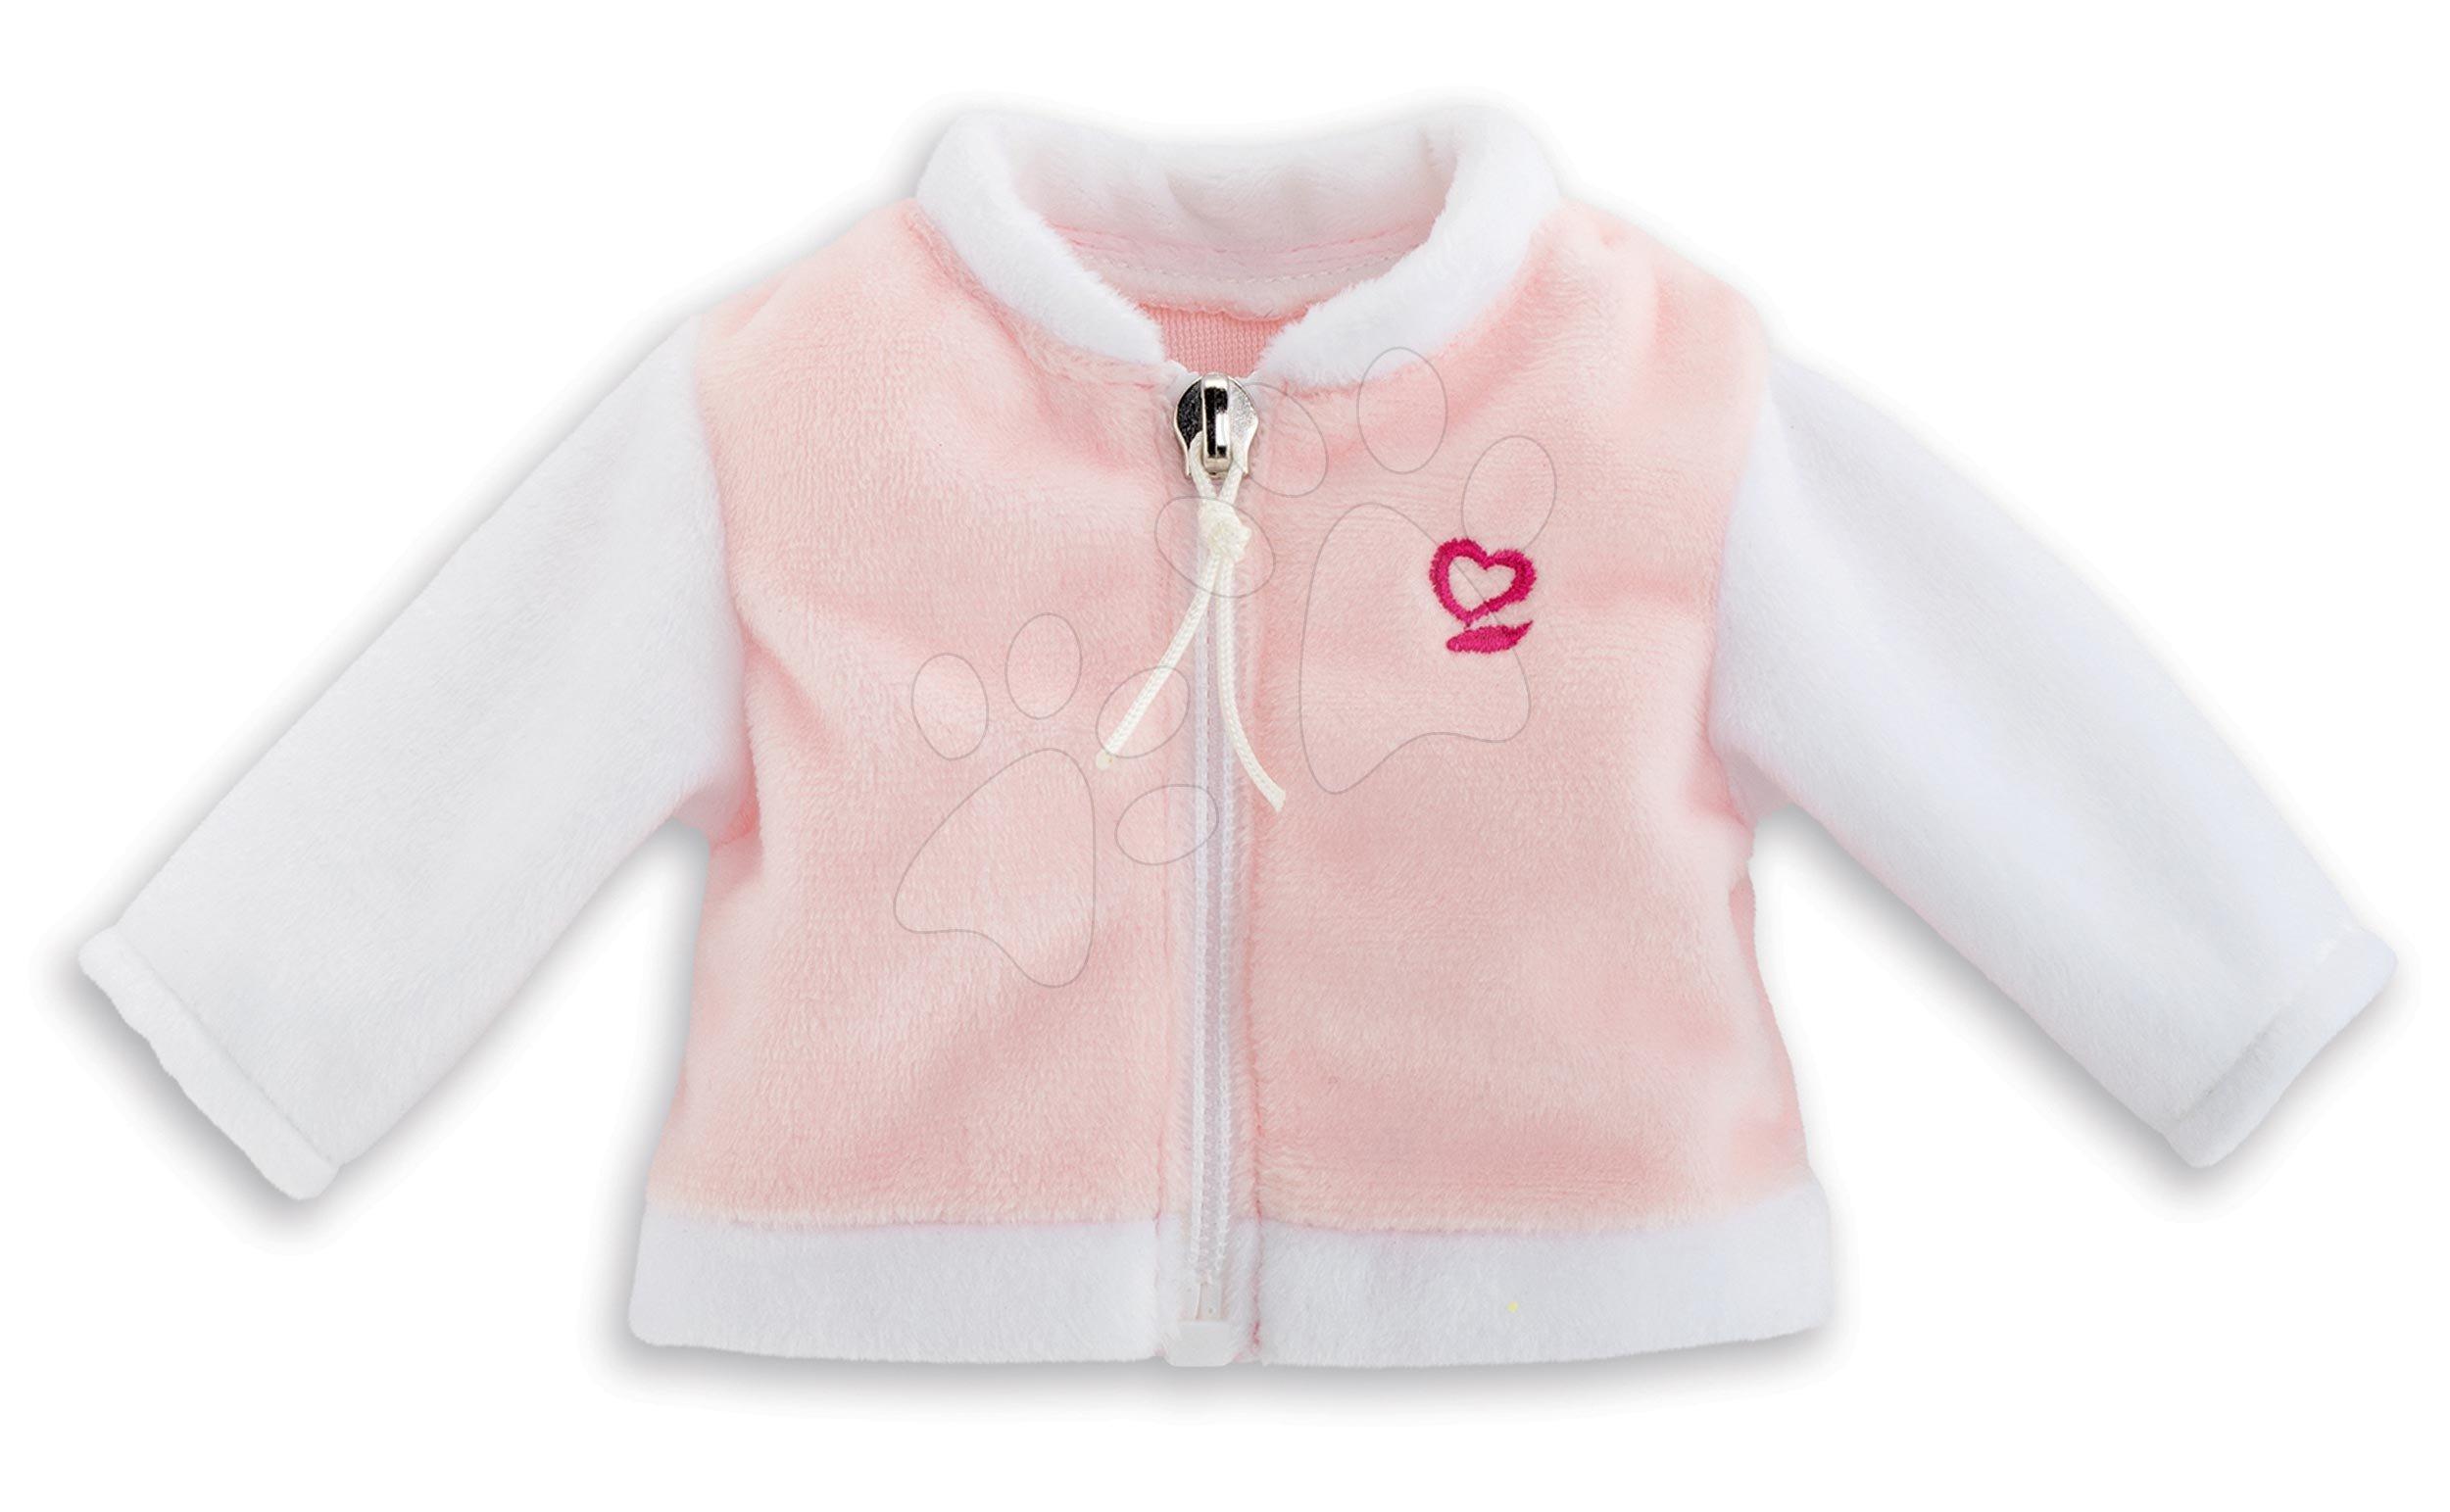 Oblečenie bundička Jacket 2 Tones Ma Corolle pre 36 cm bábiku od 4 rokov